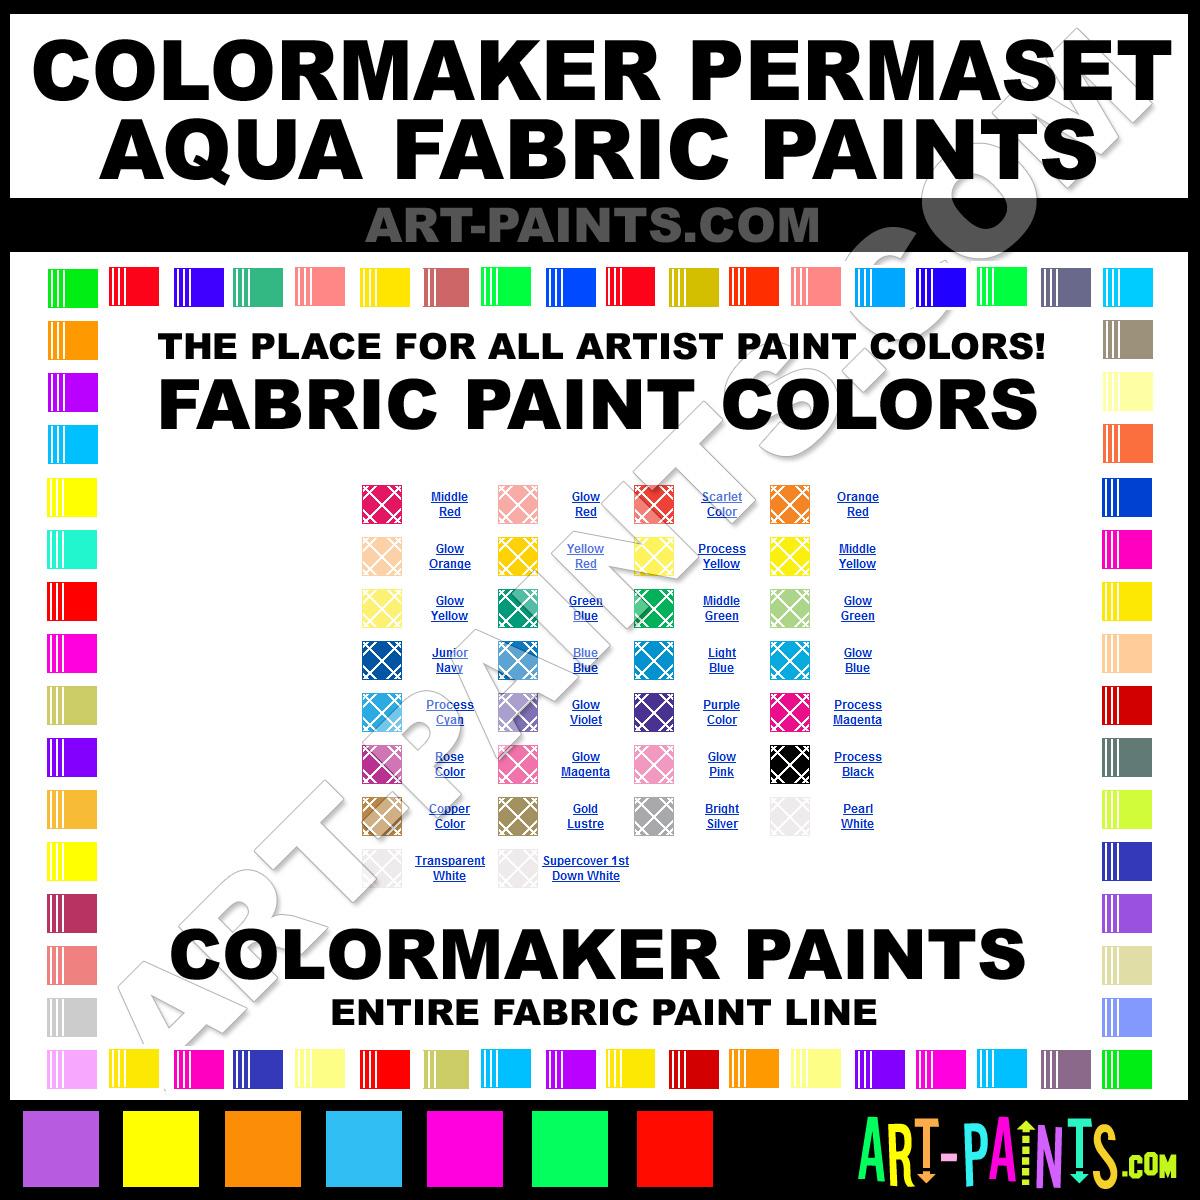 glow blue permaset aqua fabric textile paints p005605 glow blue Enamel Paint Colors please